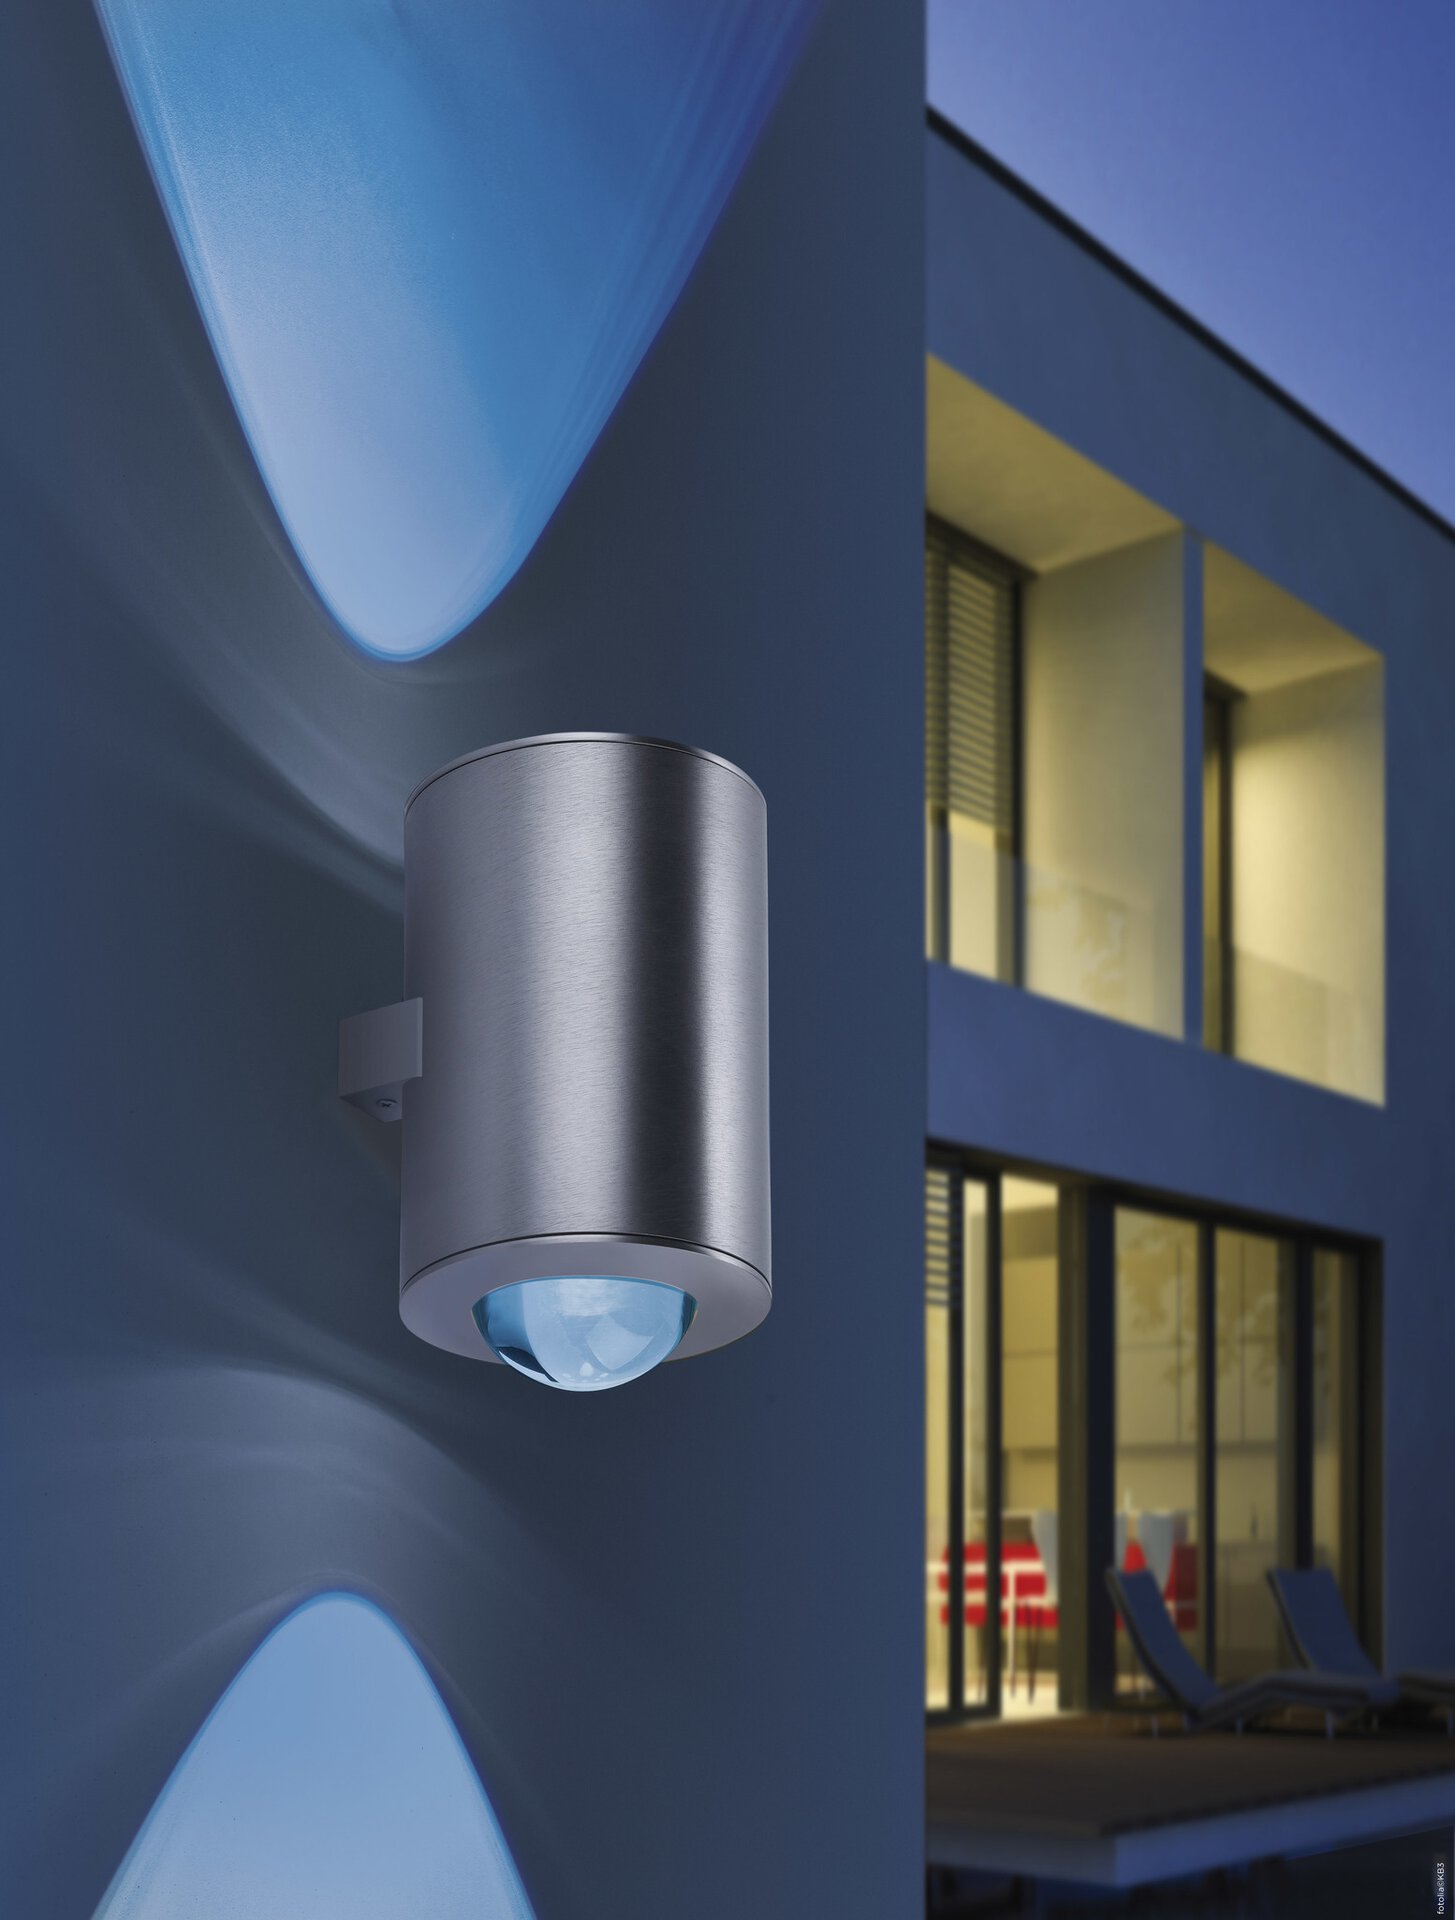 Smart-Home-Leuchten Q-SASCHA Paul Neuhaus Metall 12 x 21 x 15 cm